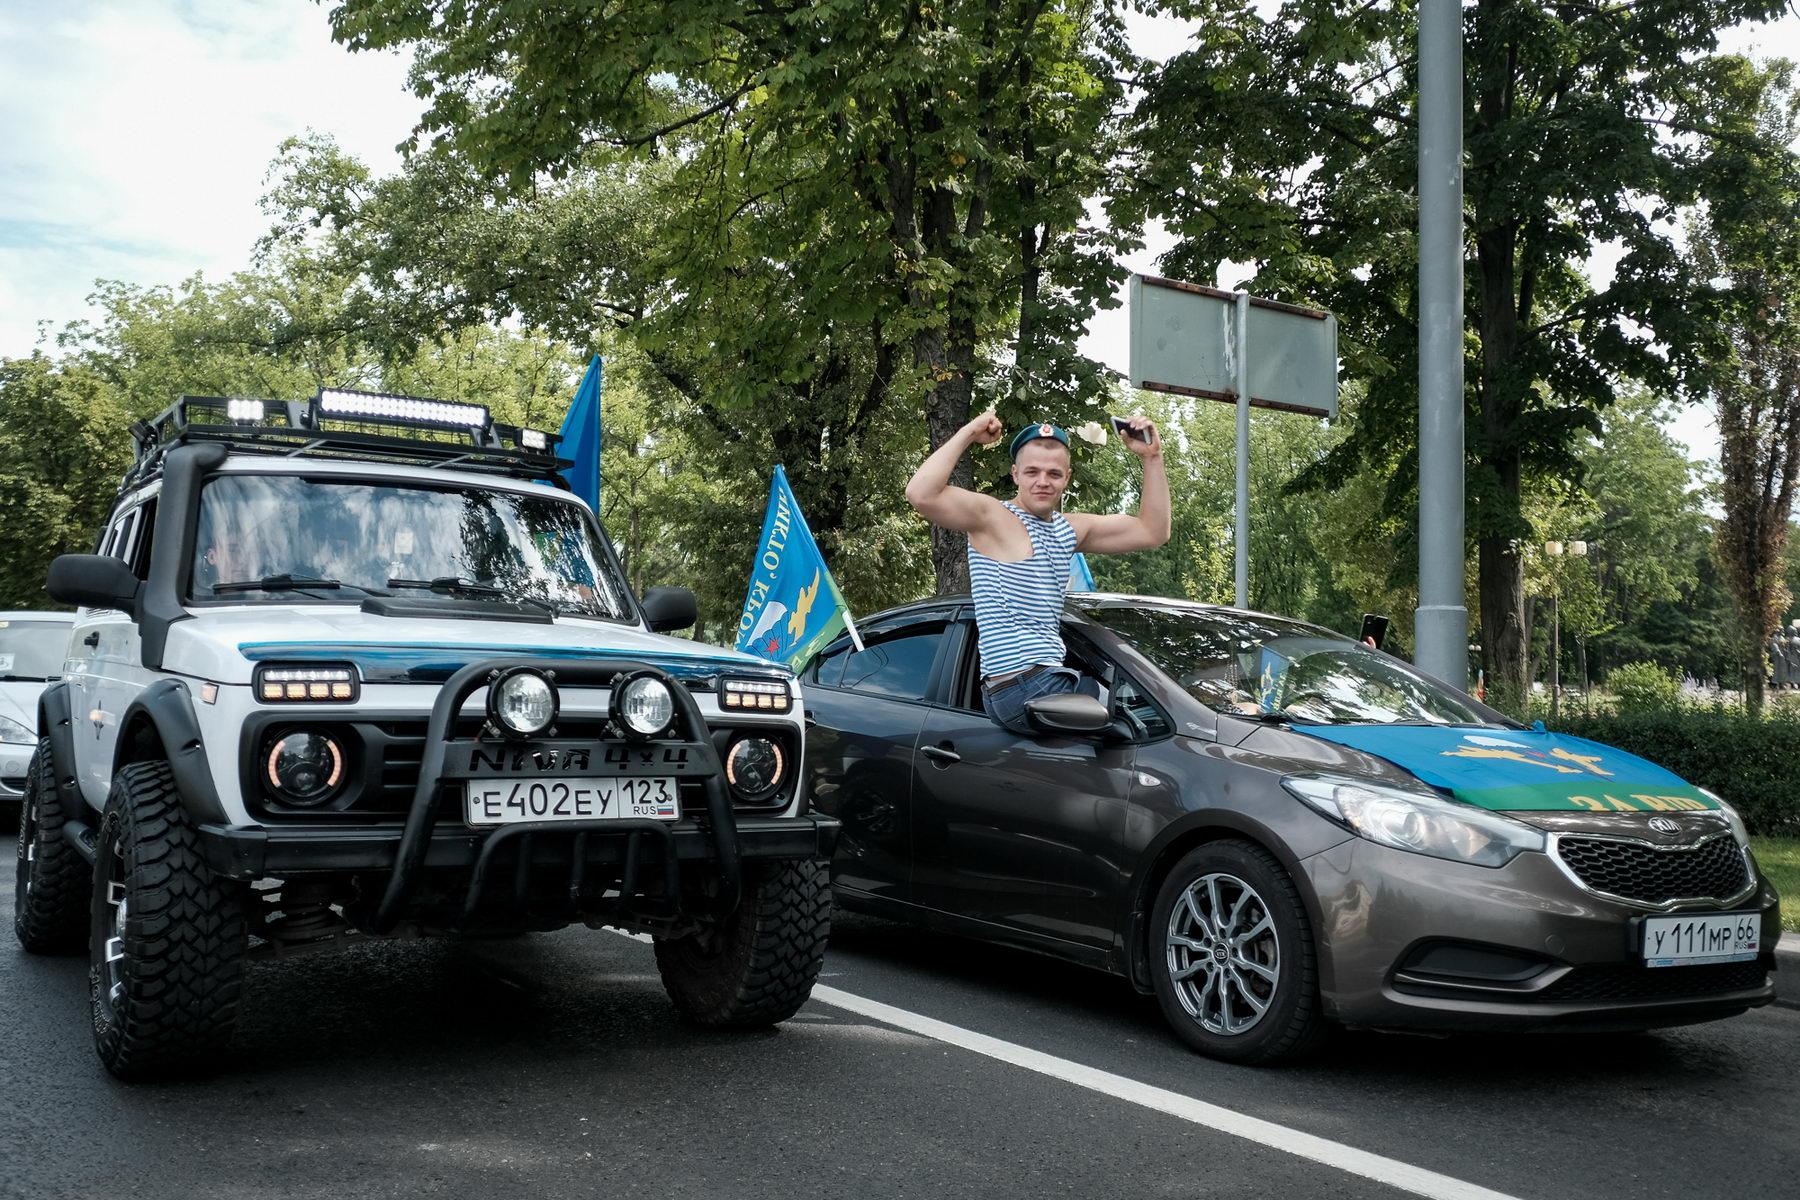 Nikolai_khizhniak-3